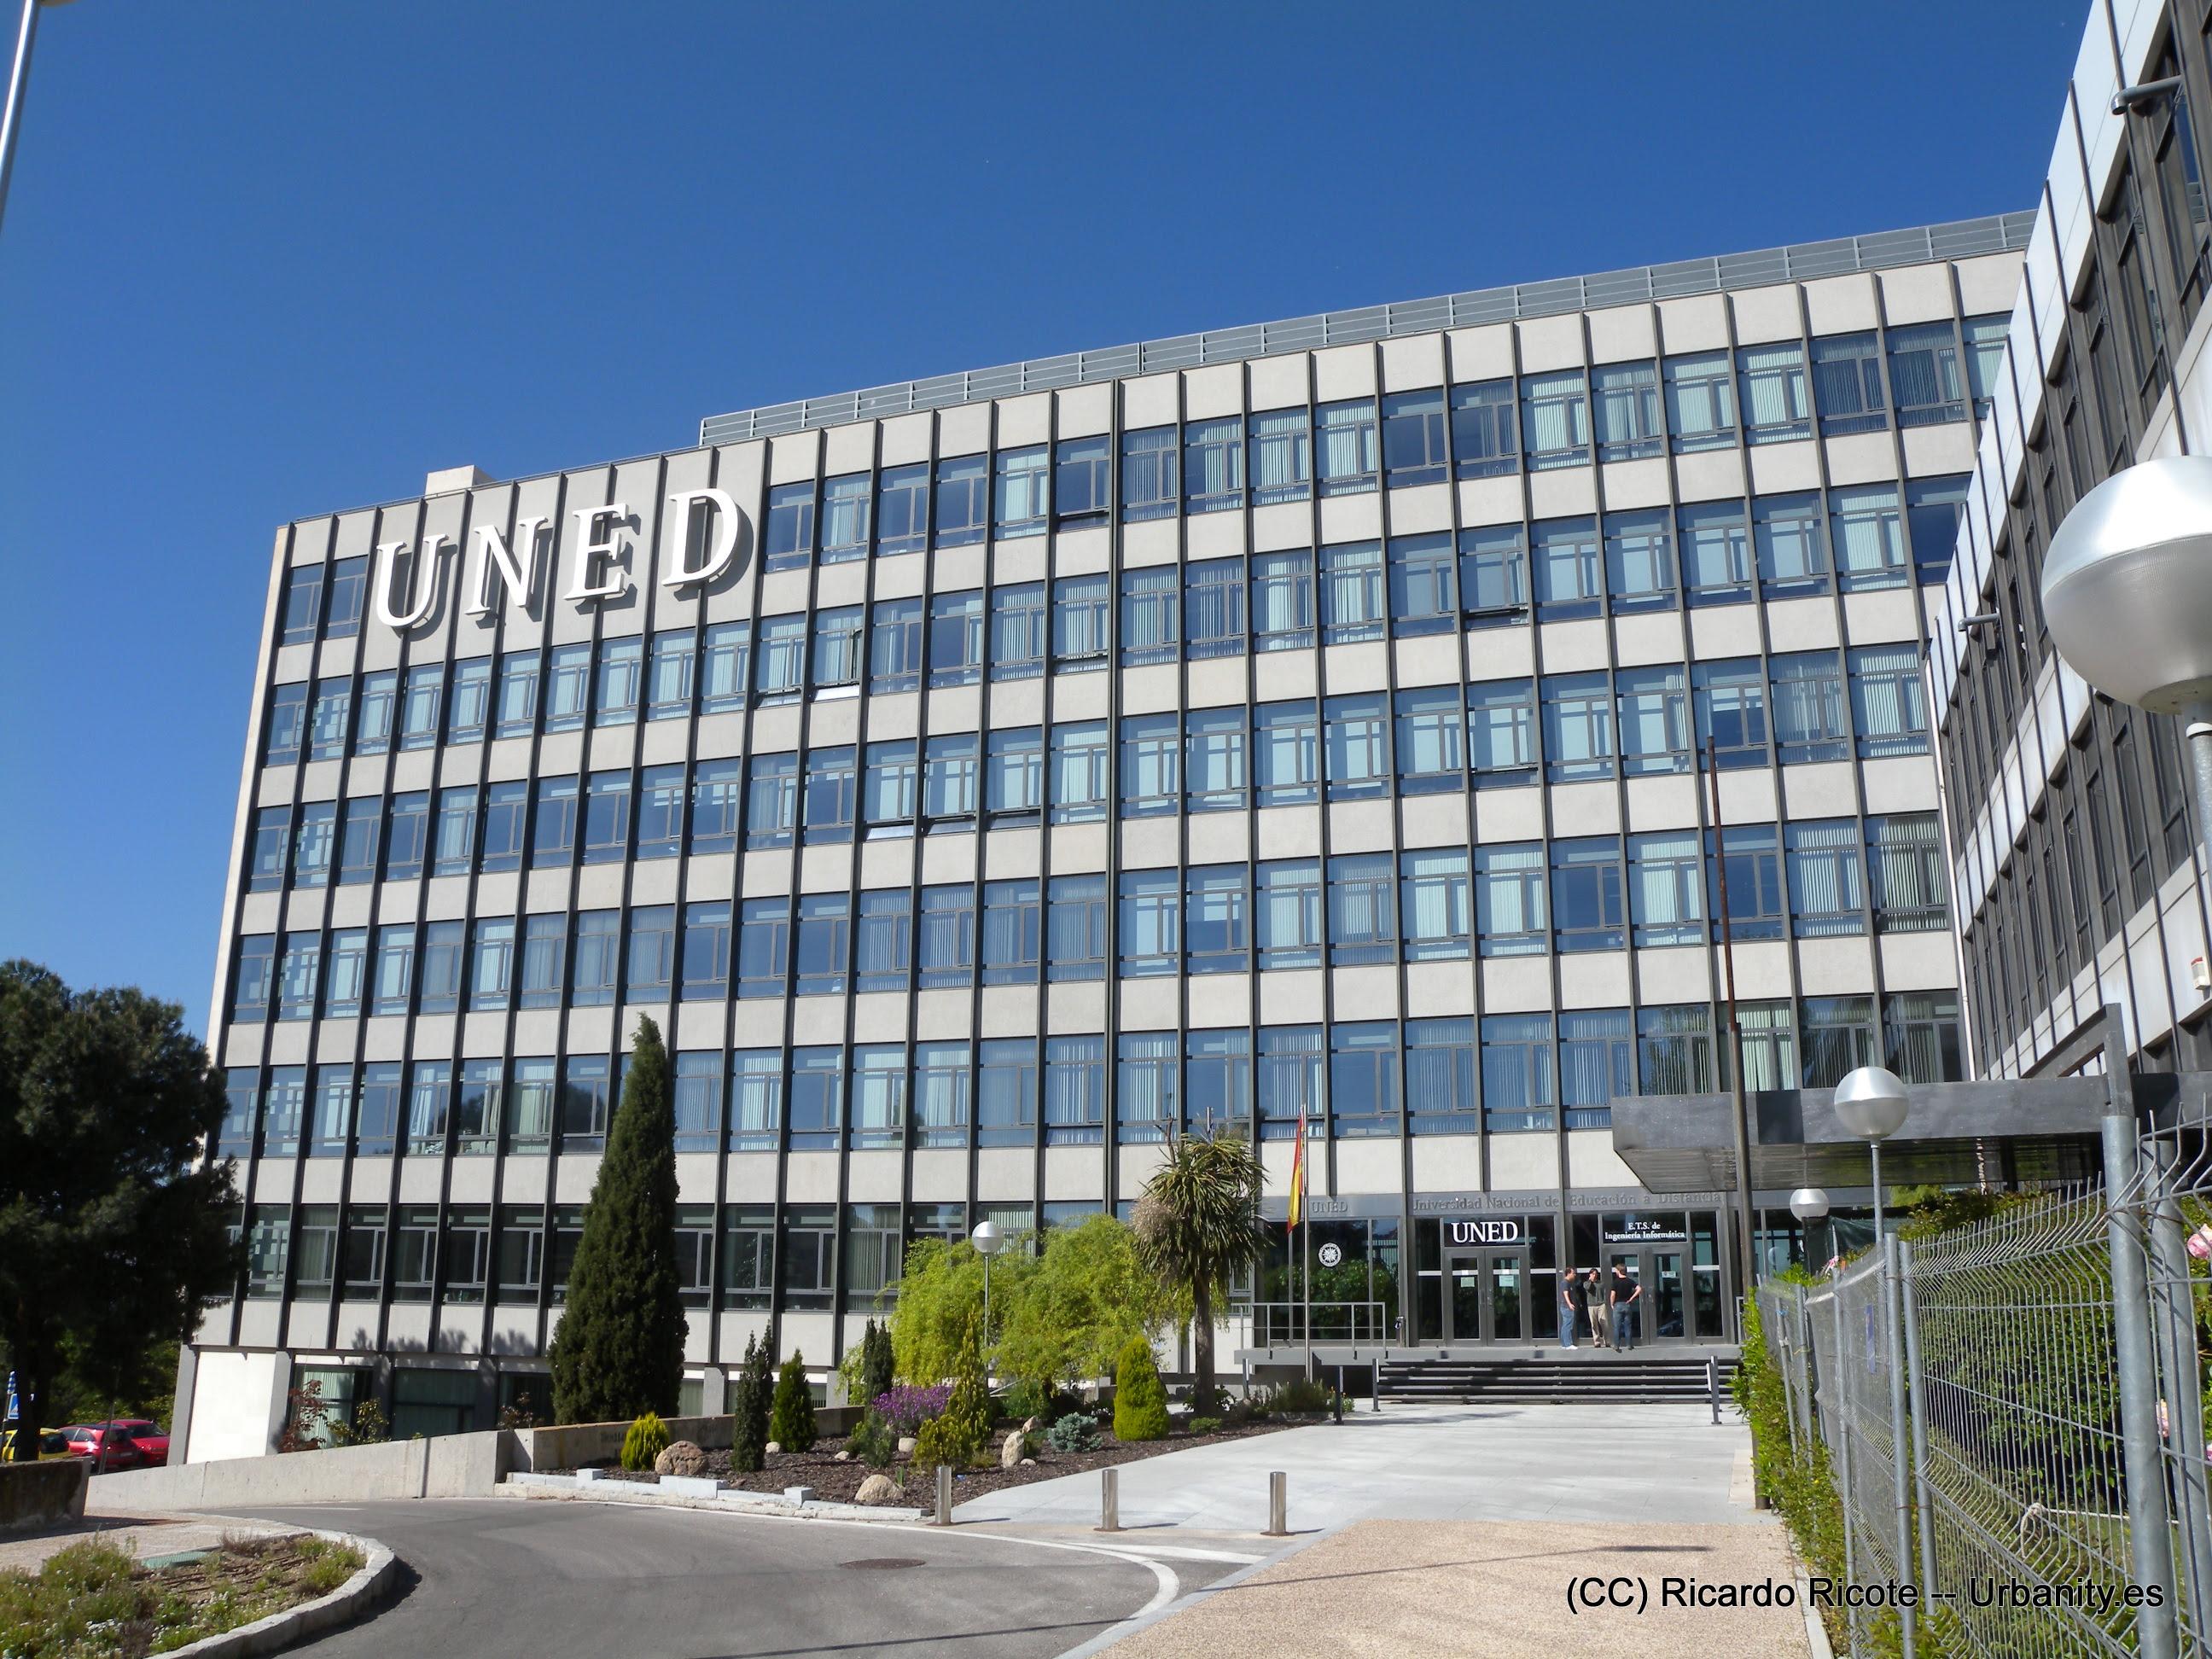 Universidad Nacional de Educación a Distancia (U.N.E.D.)